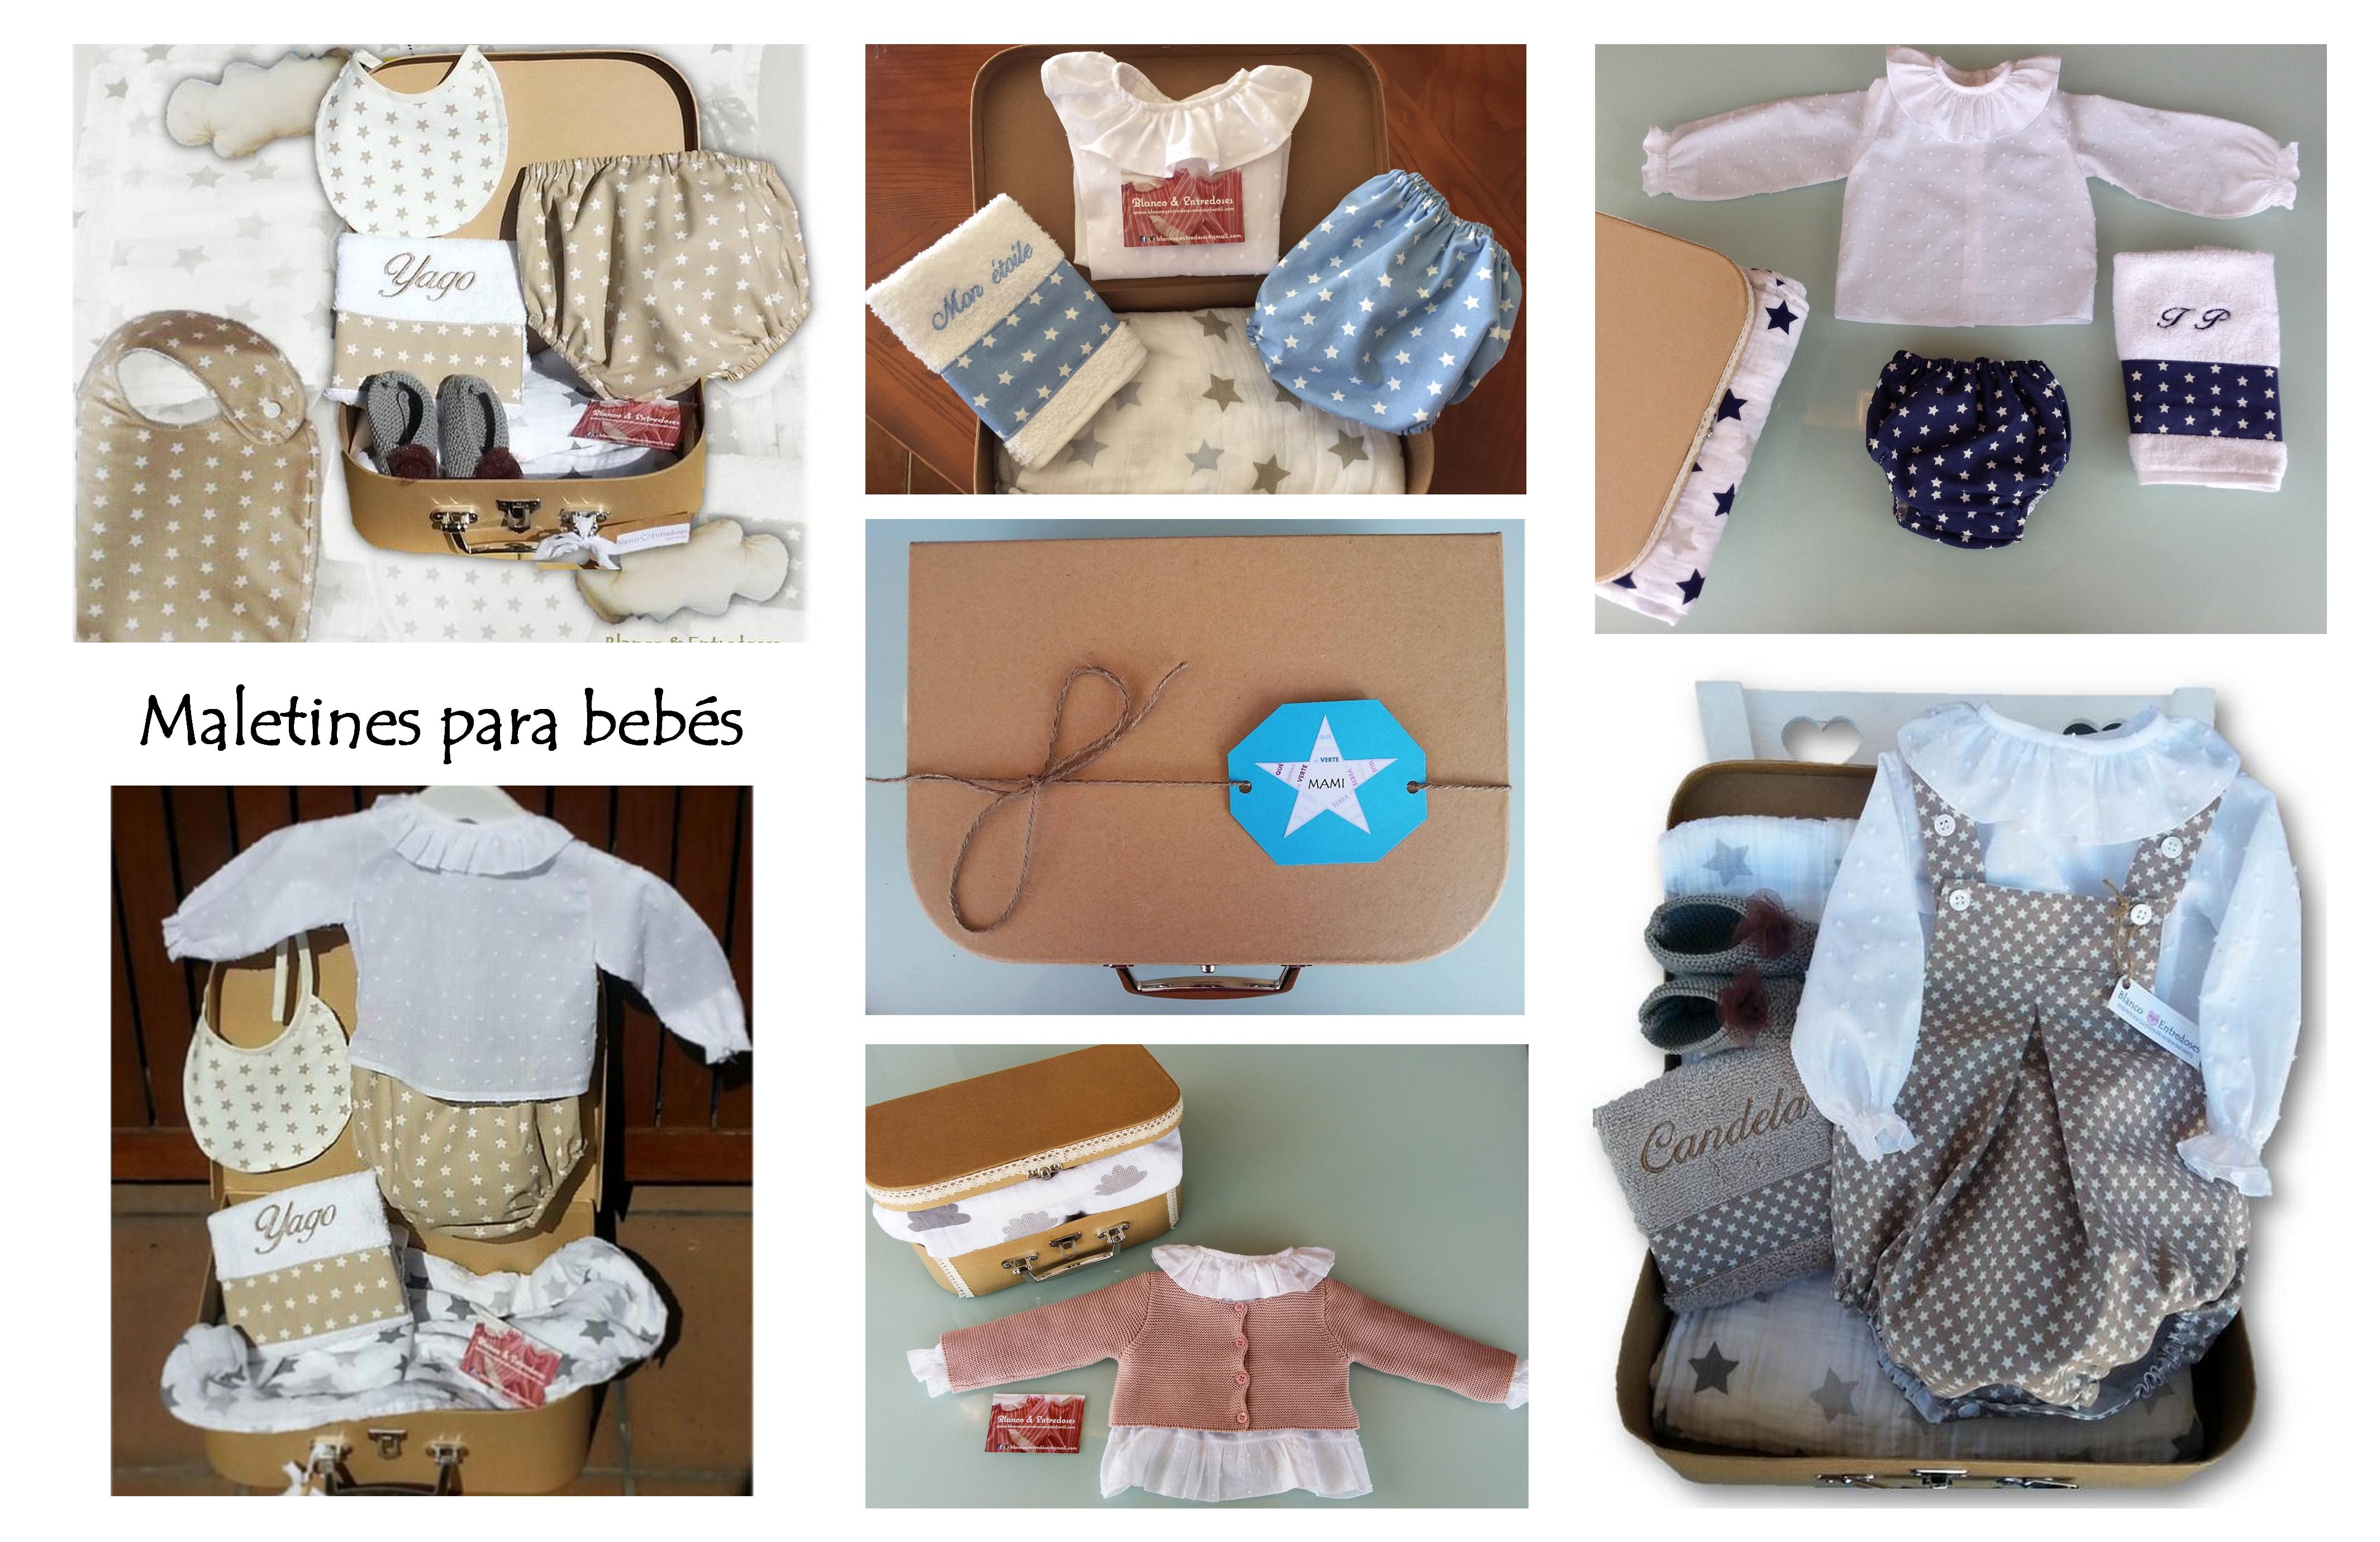 maletines para bebés, canastills para bebés, regalos de recién nacido, regalos para embarazadas